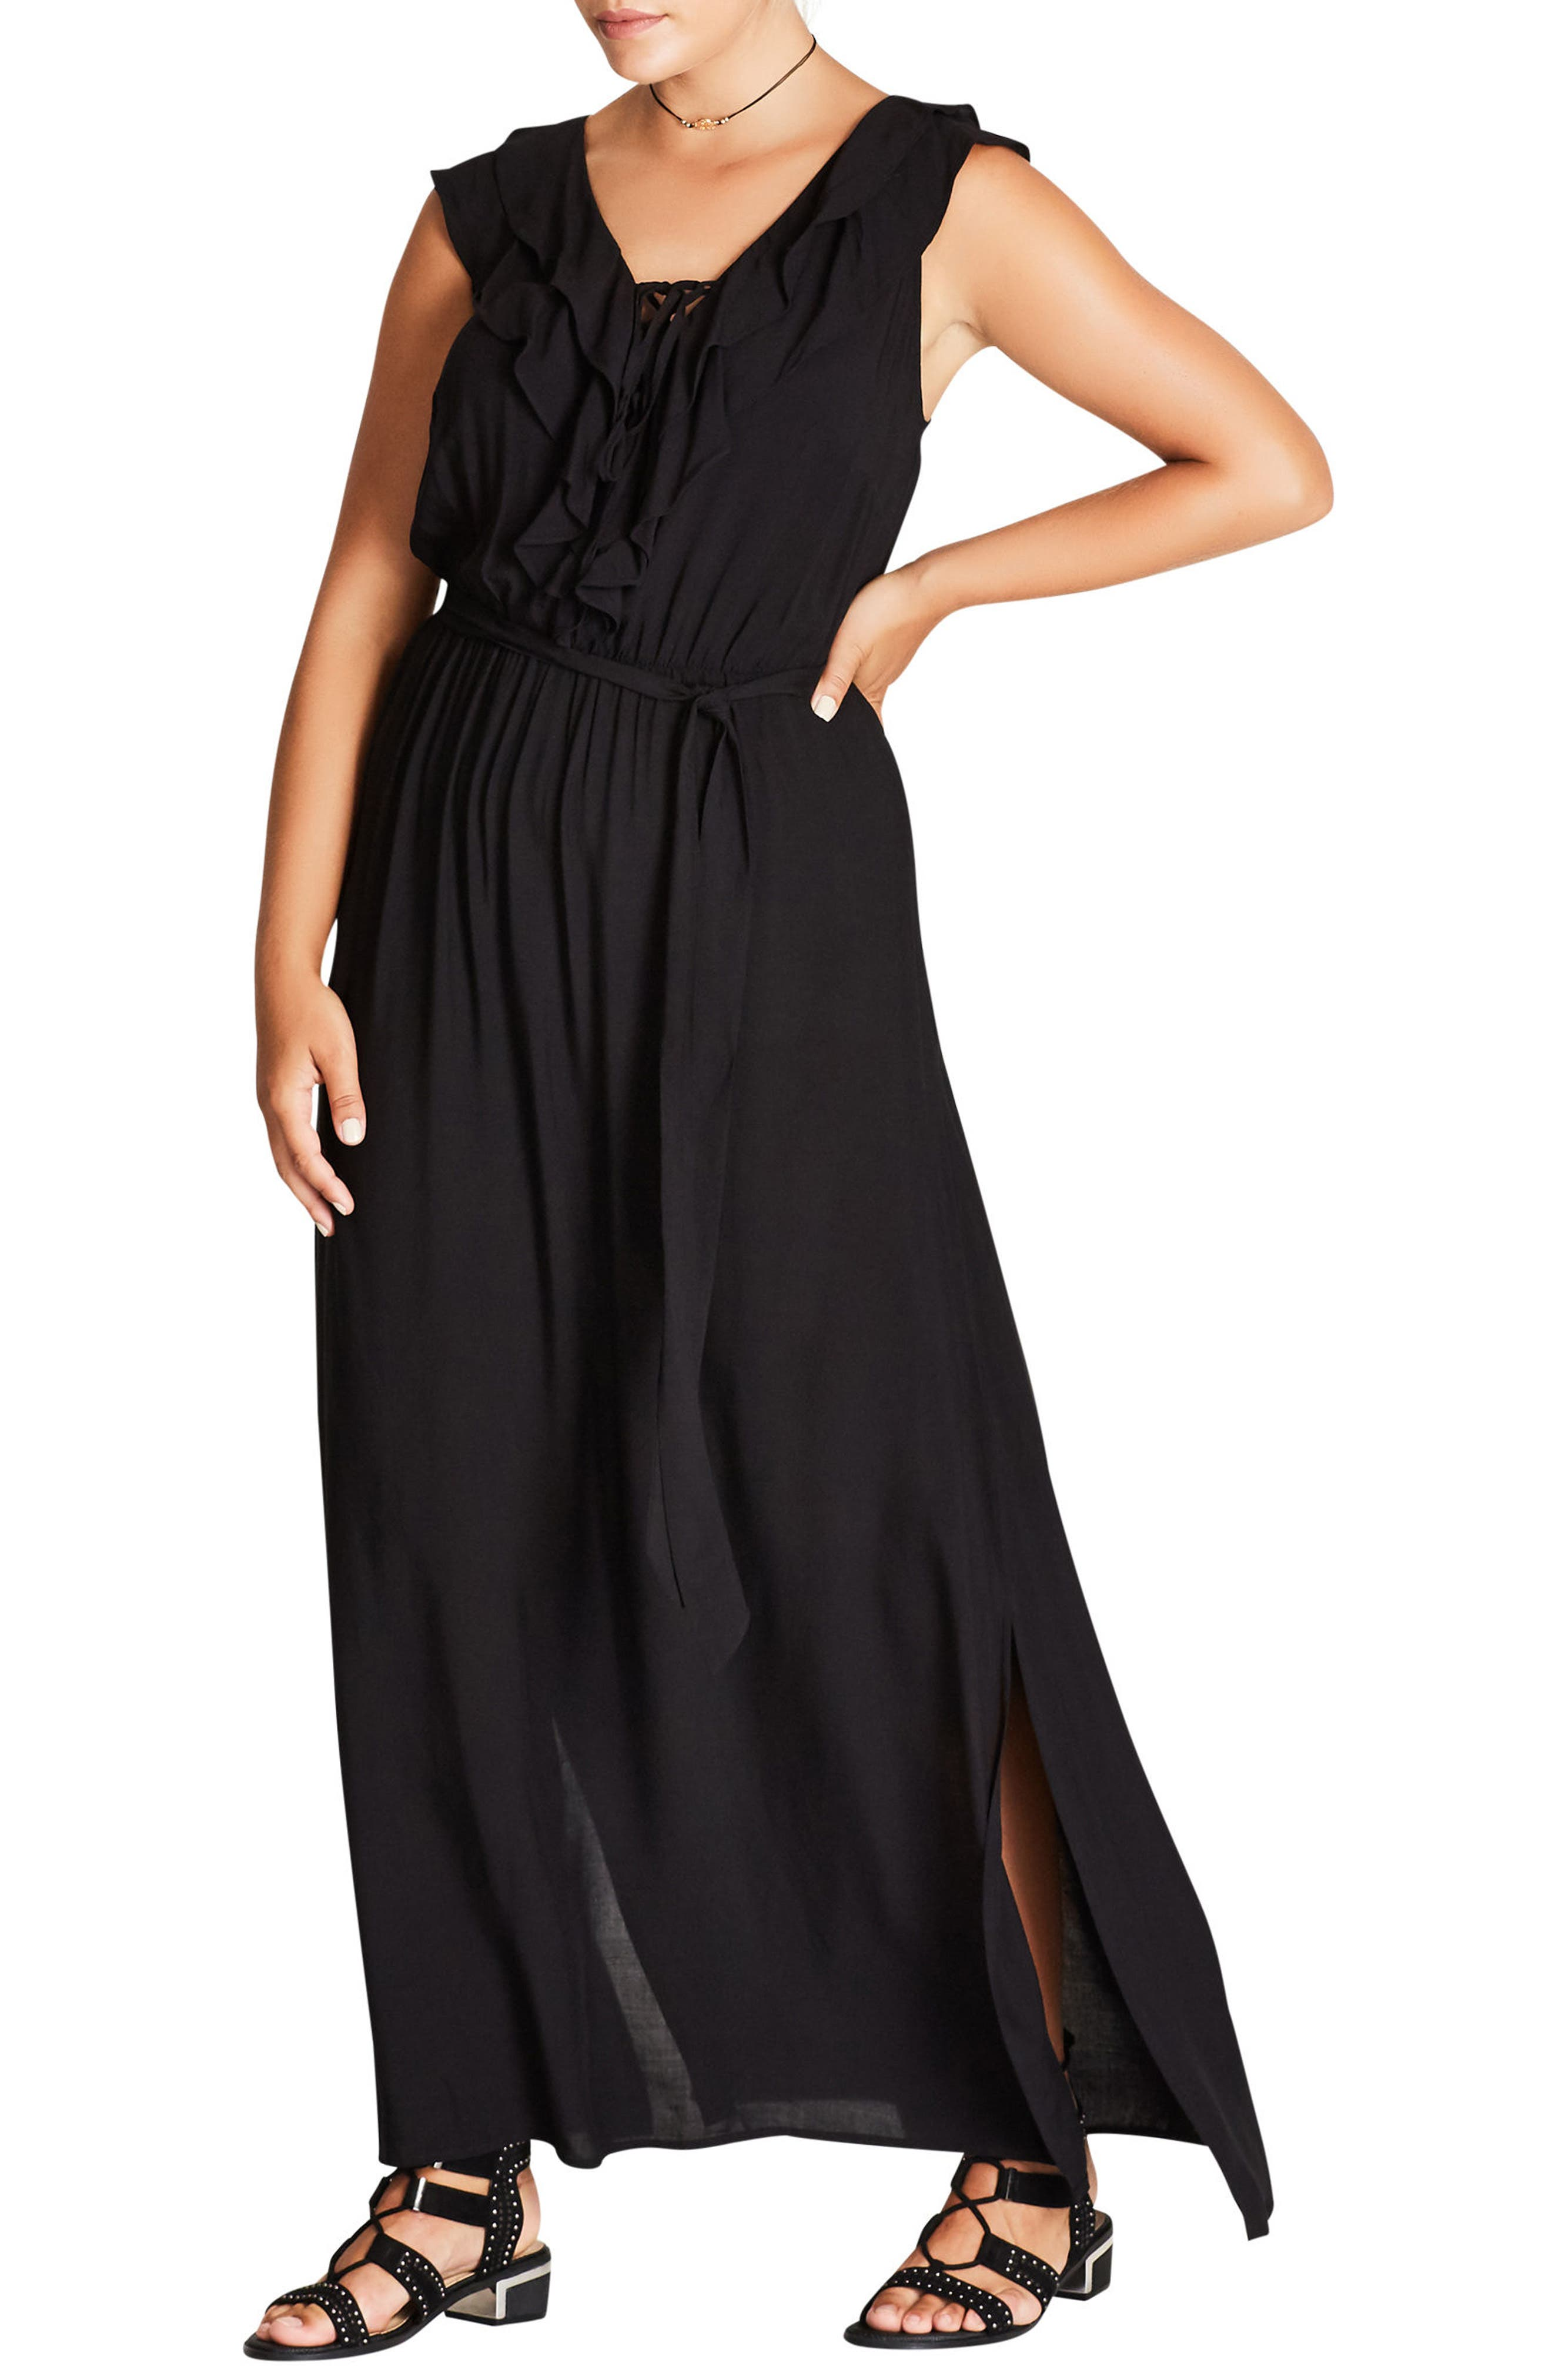 Main Image - City Chic Sweet Ruffle Maxi Dress (Plus Size)